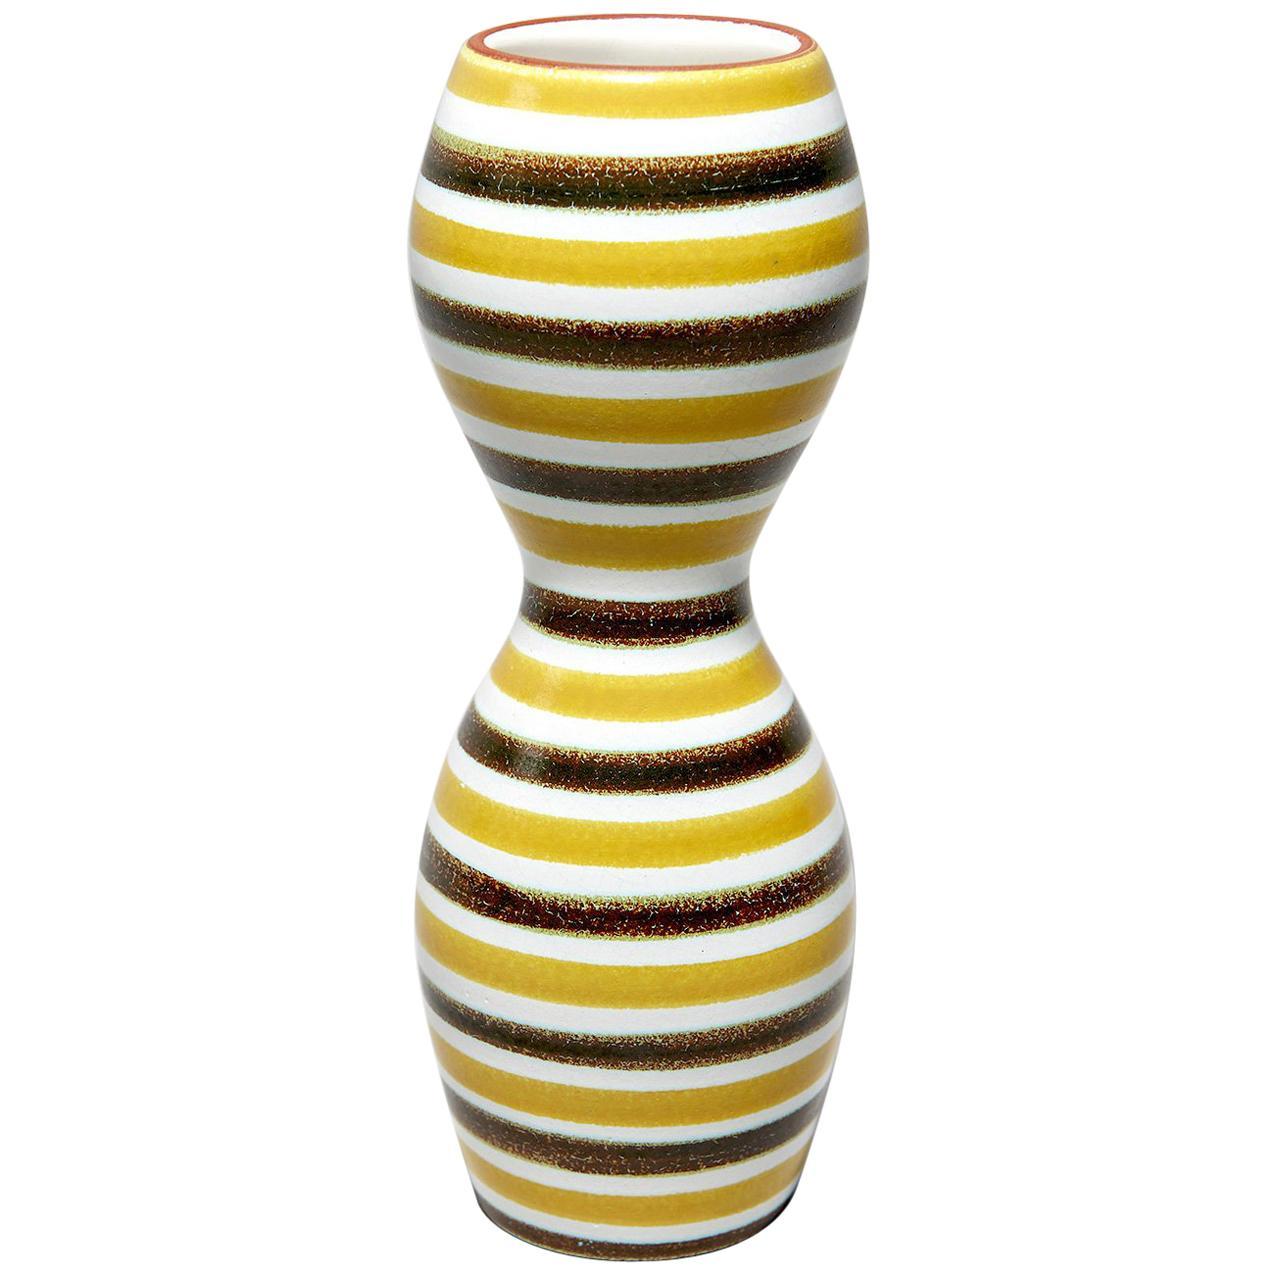 Faïence Vase by Stig Lindberg